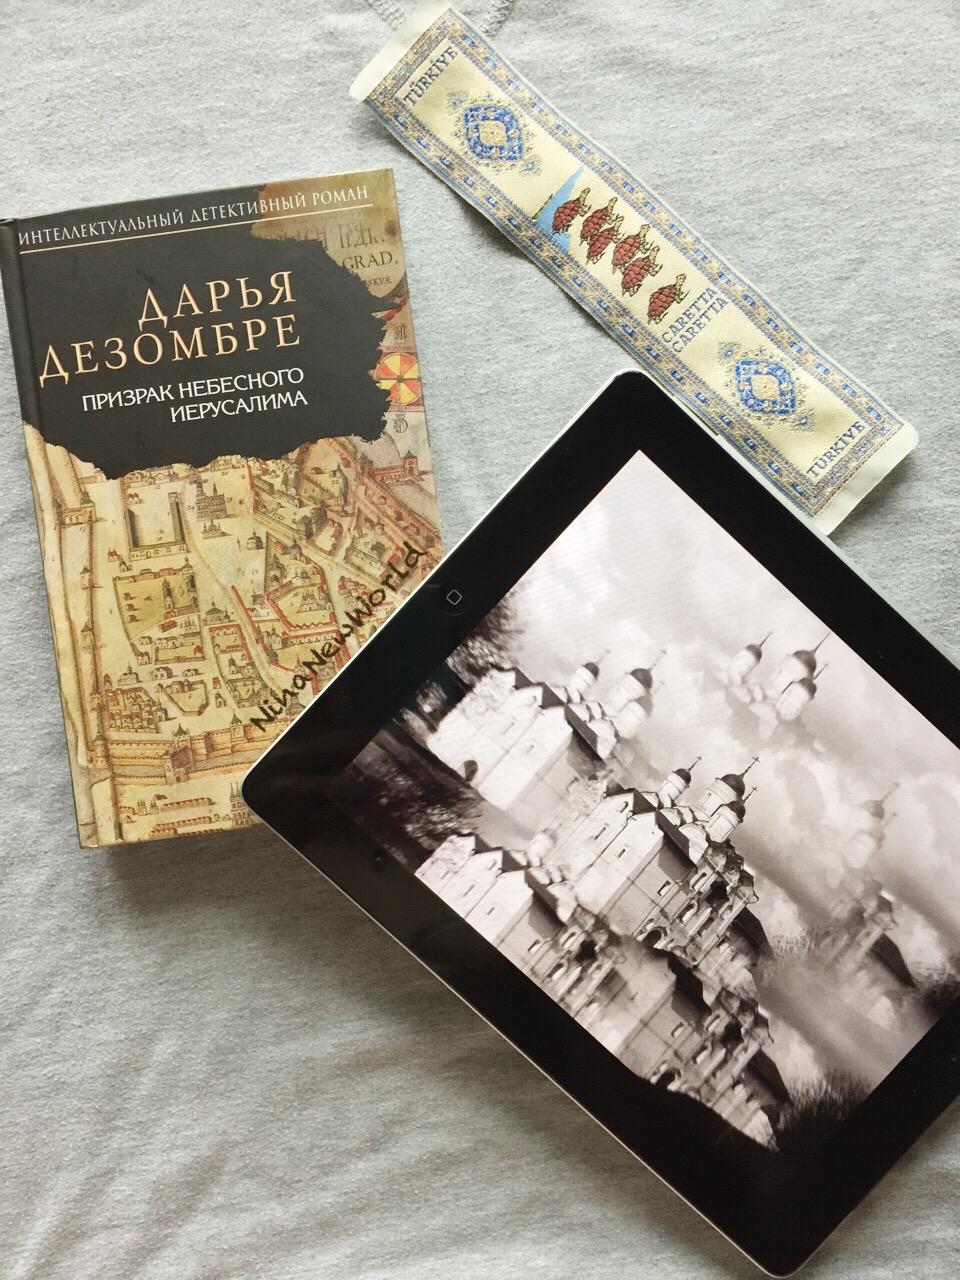 Скачать книгу дарьи дезомбре призрак небесного иерусалима